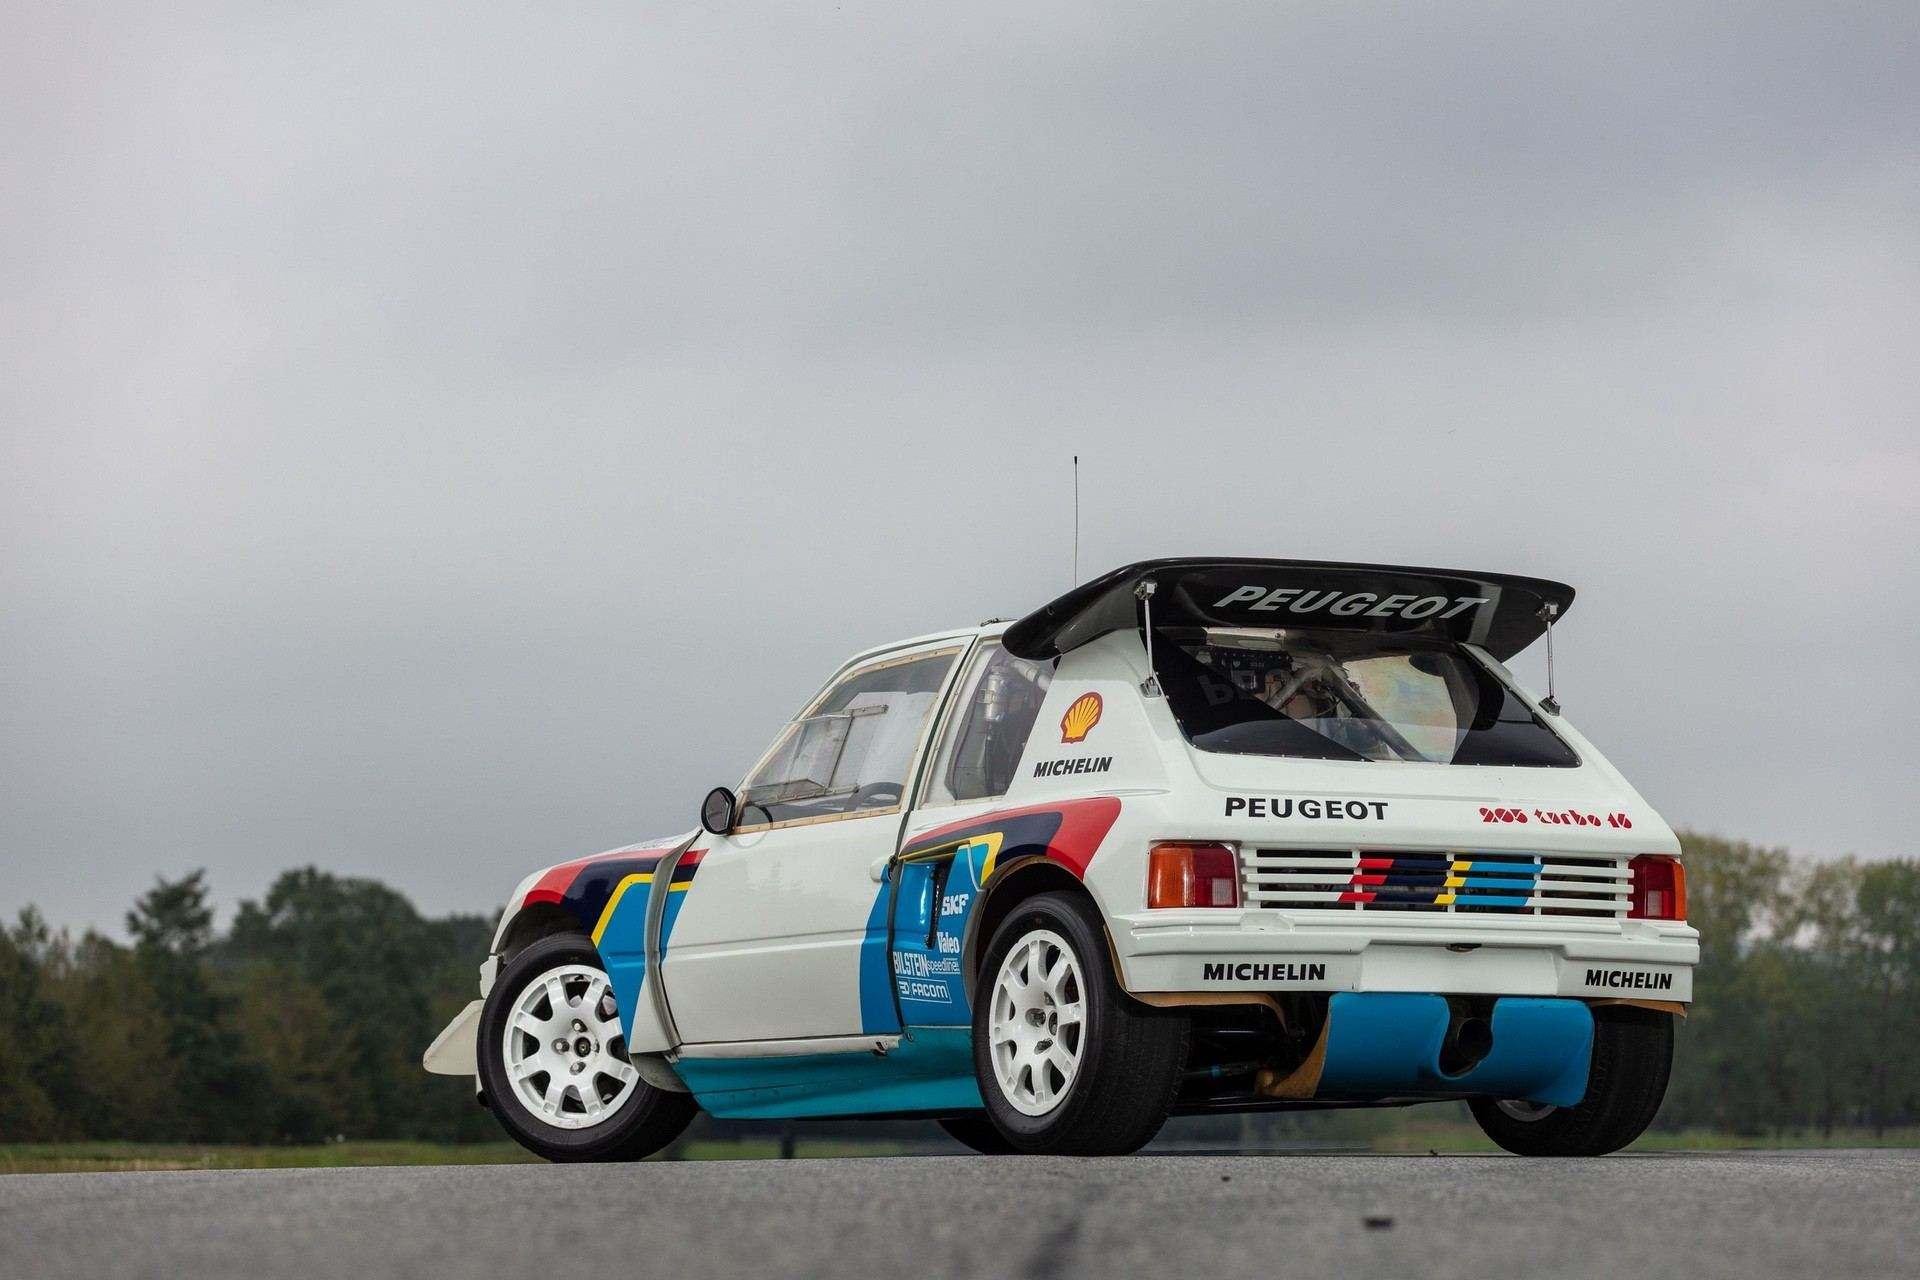 1985_Peugeot_205_Turbo_16_Evolution_2_sale-0008